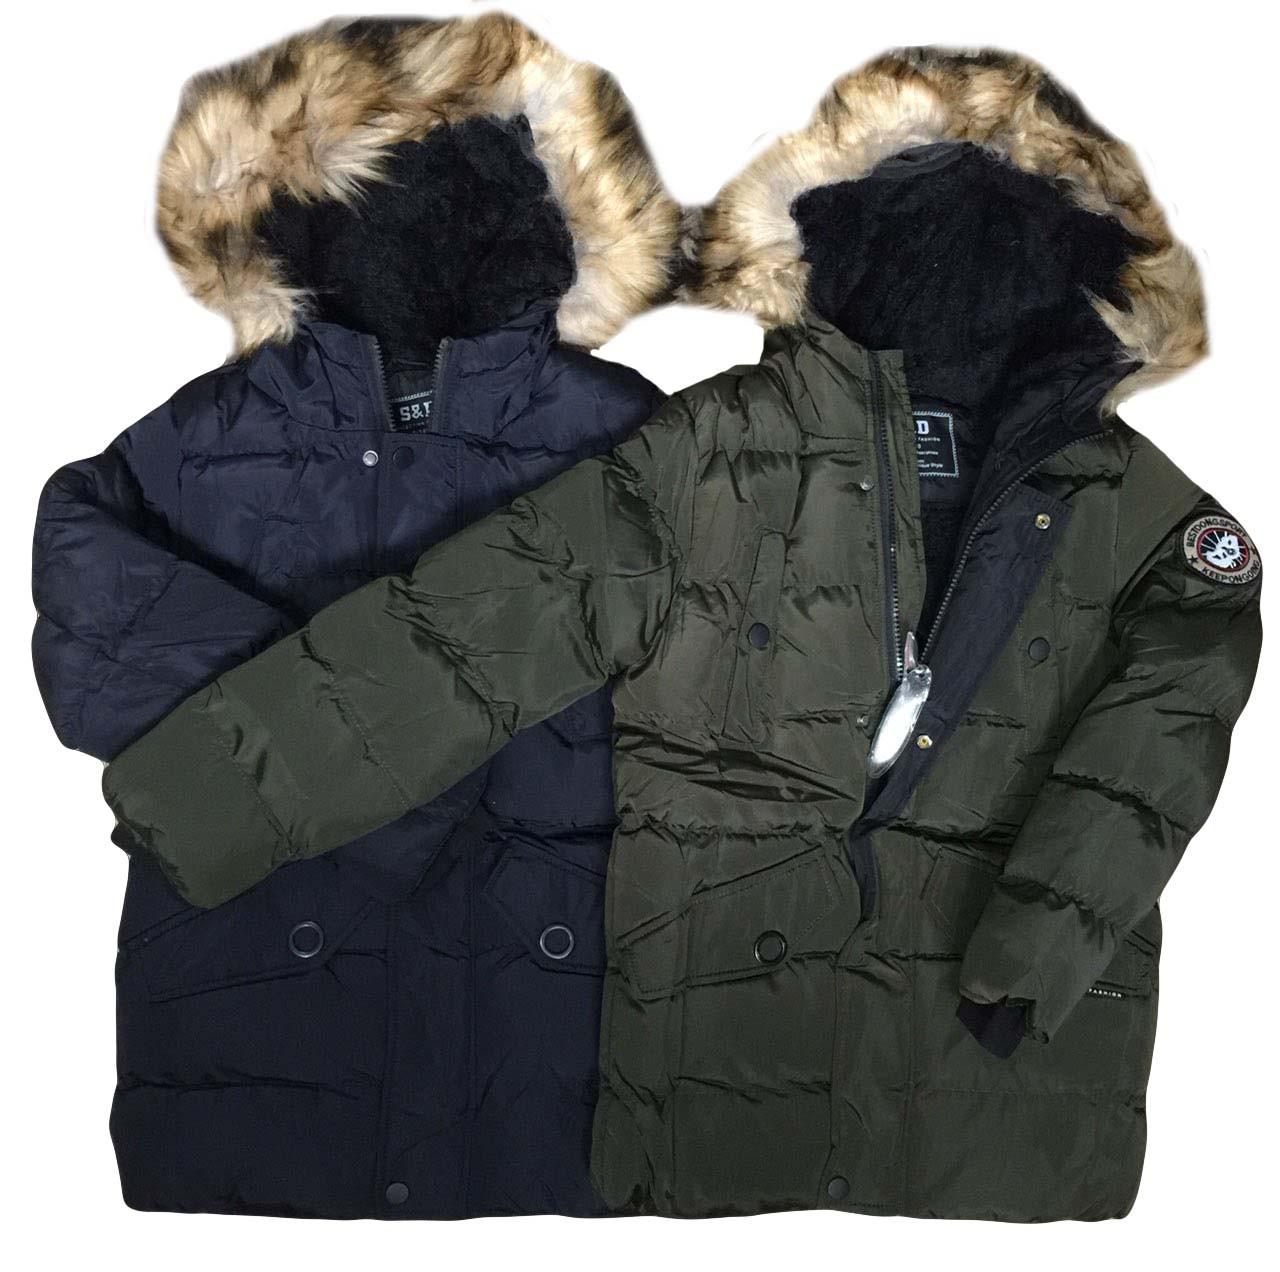 Куртки  на меху для мальчиков оптом размеры 8-18 лет, S&D арт. KF 117